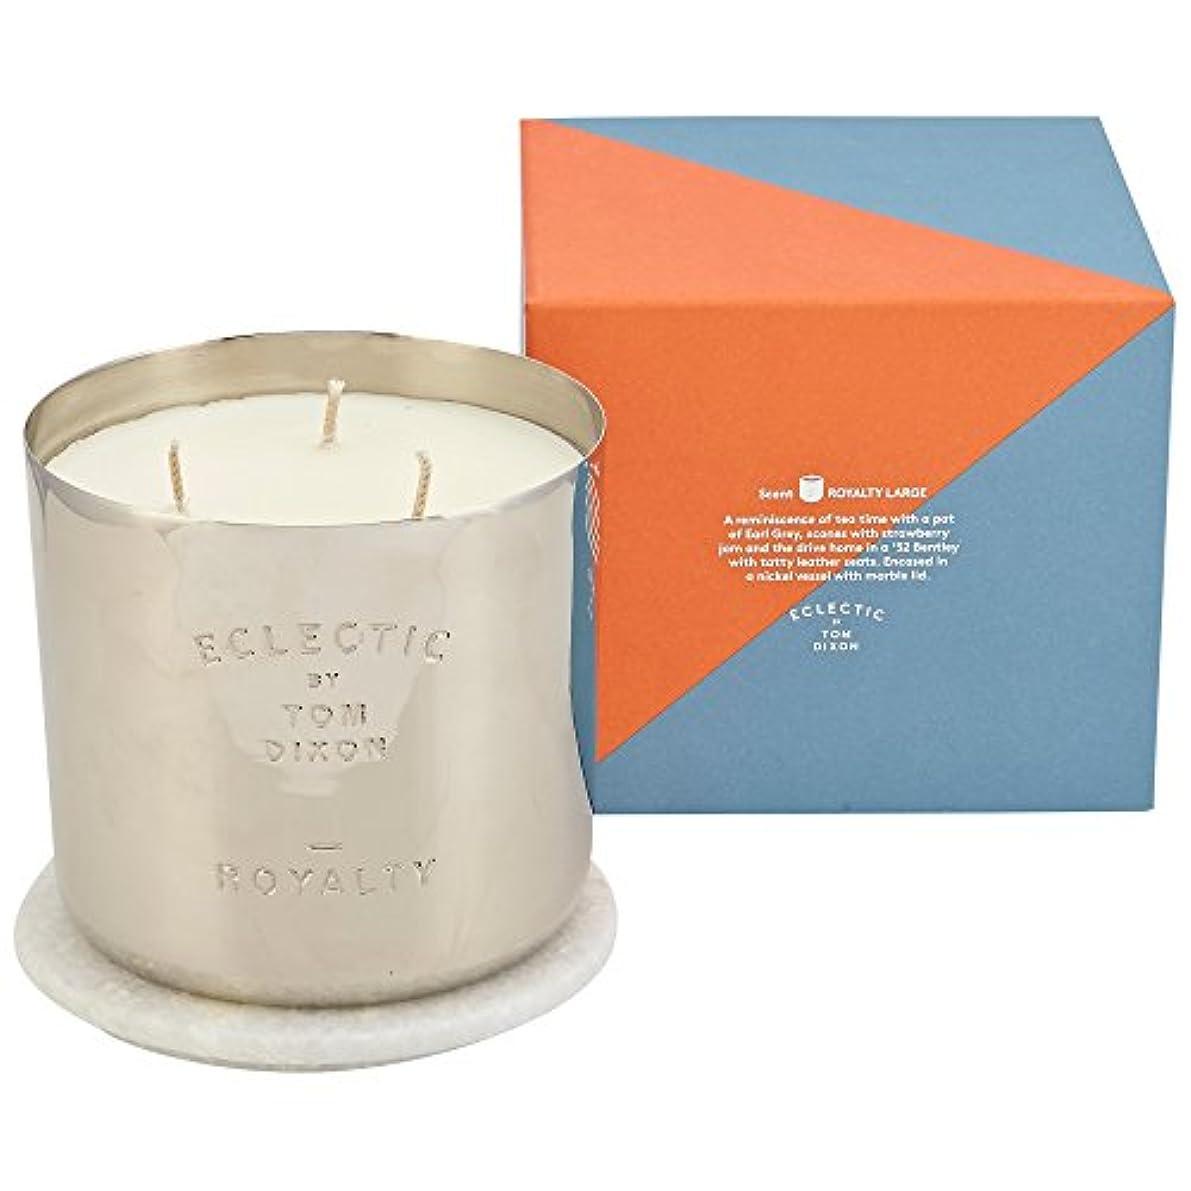 田舎結論批判的にトムディクソンロイヤリティ大きな香りのキャンドル x6 - Tom Dixon Royalty Scented Candle Large (Pack of 6) [並行輸入品]